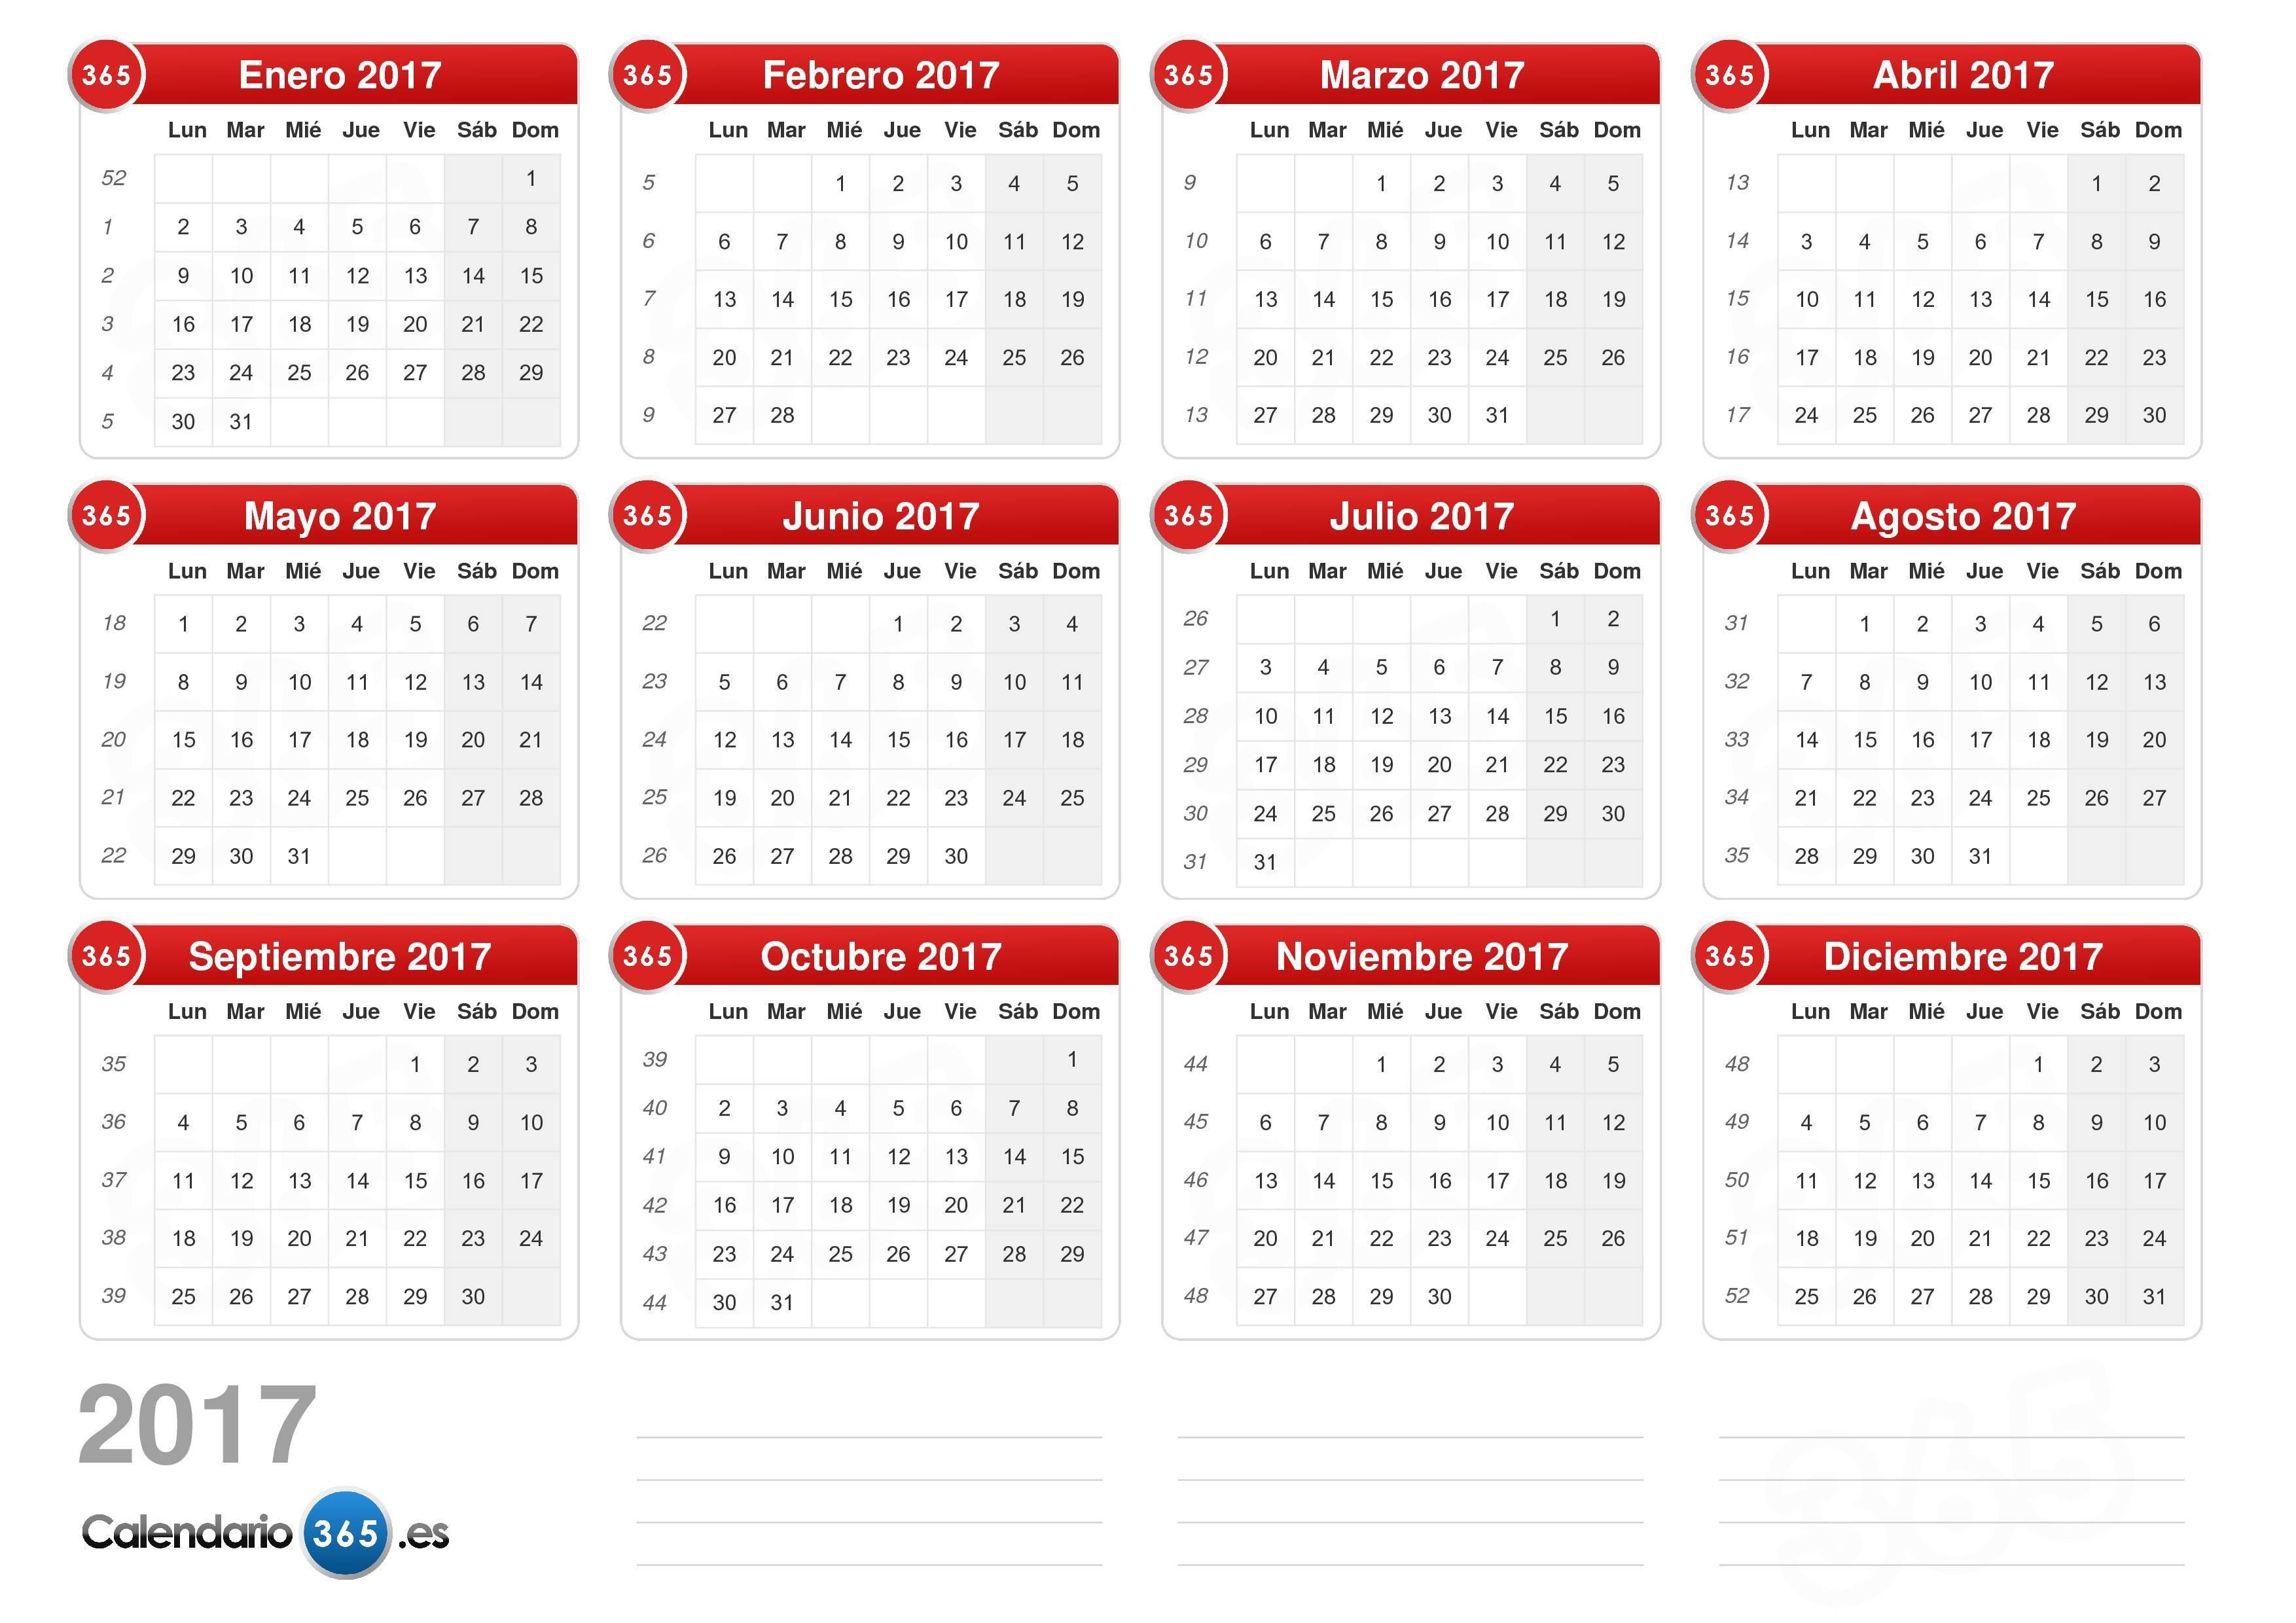 Calendario Lunar Febrero 2019 Argentina Más Arriba-a-fecha Calendario 2017 Of Calendario Lunar Febrero 2019 Argentina Más Reciente Boleto Electrnico Boletn Icial